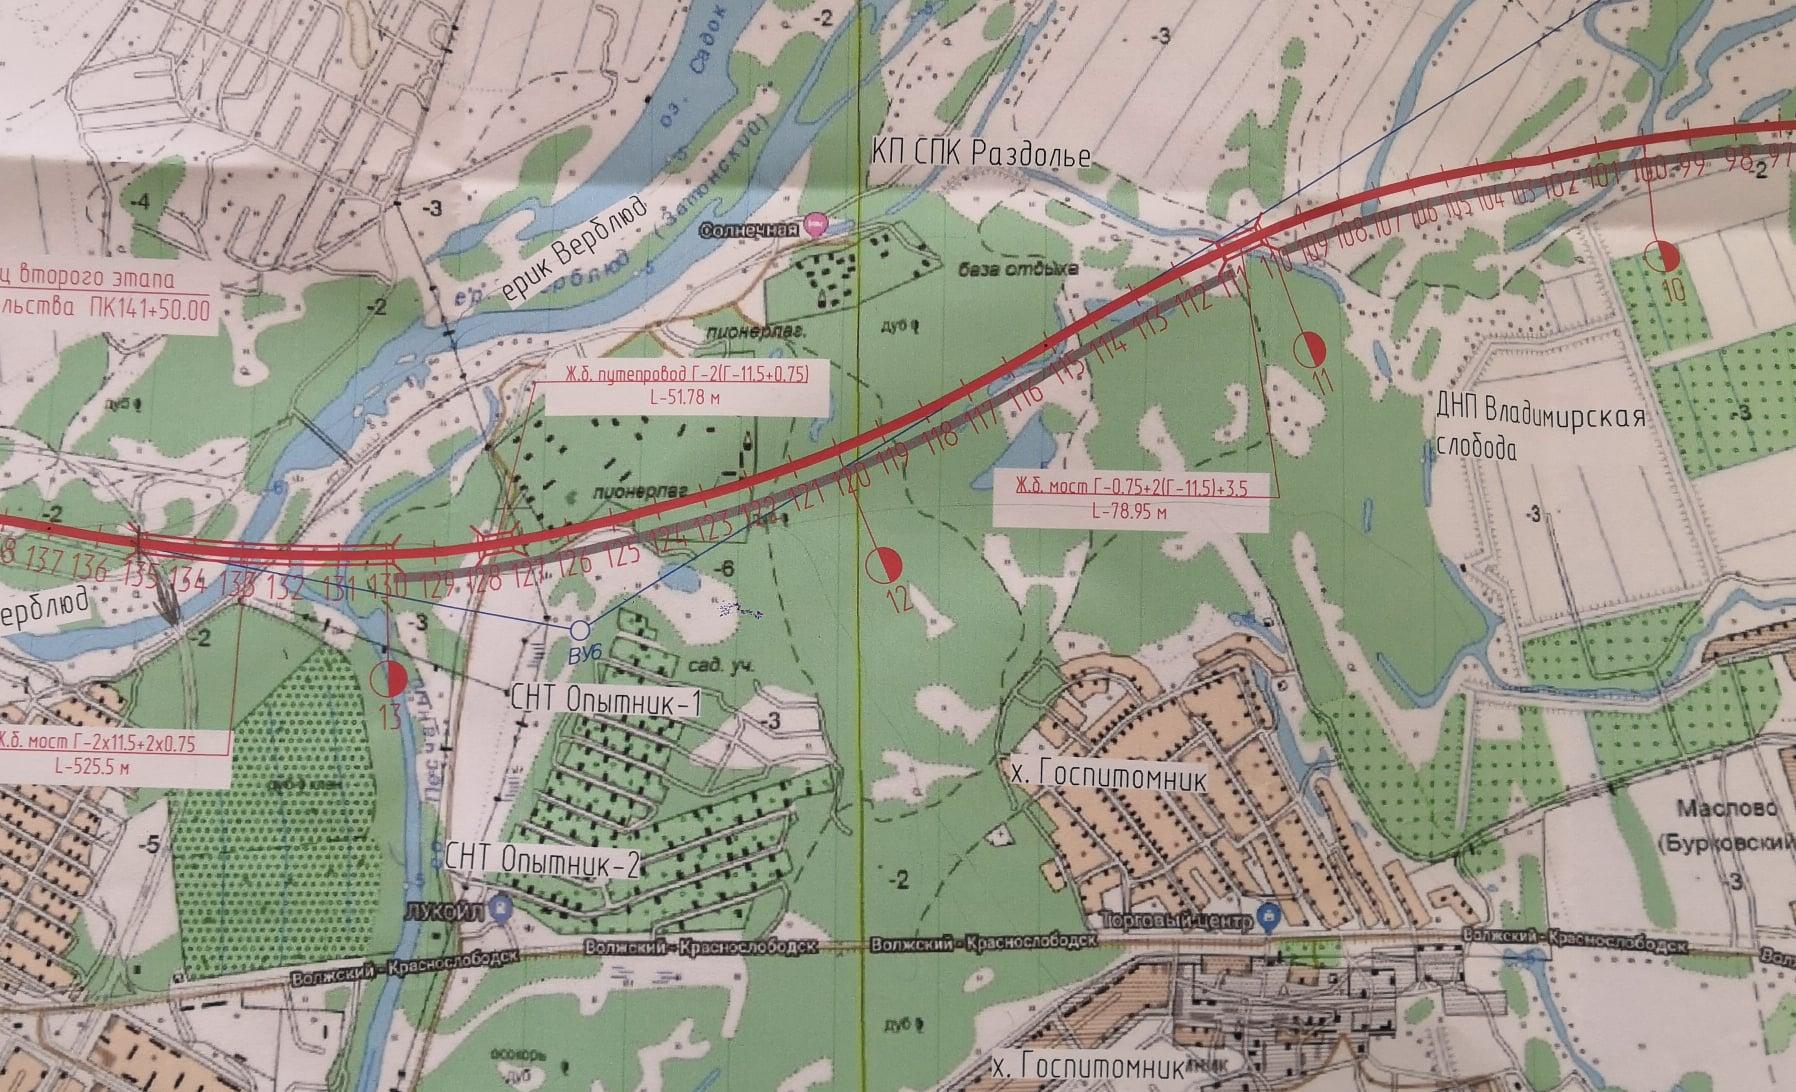 Проект дороги пролегает рядом с дачными массивами, загородными посёлками через лес